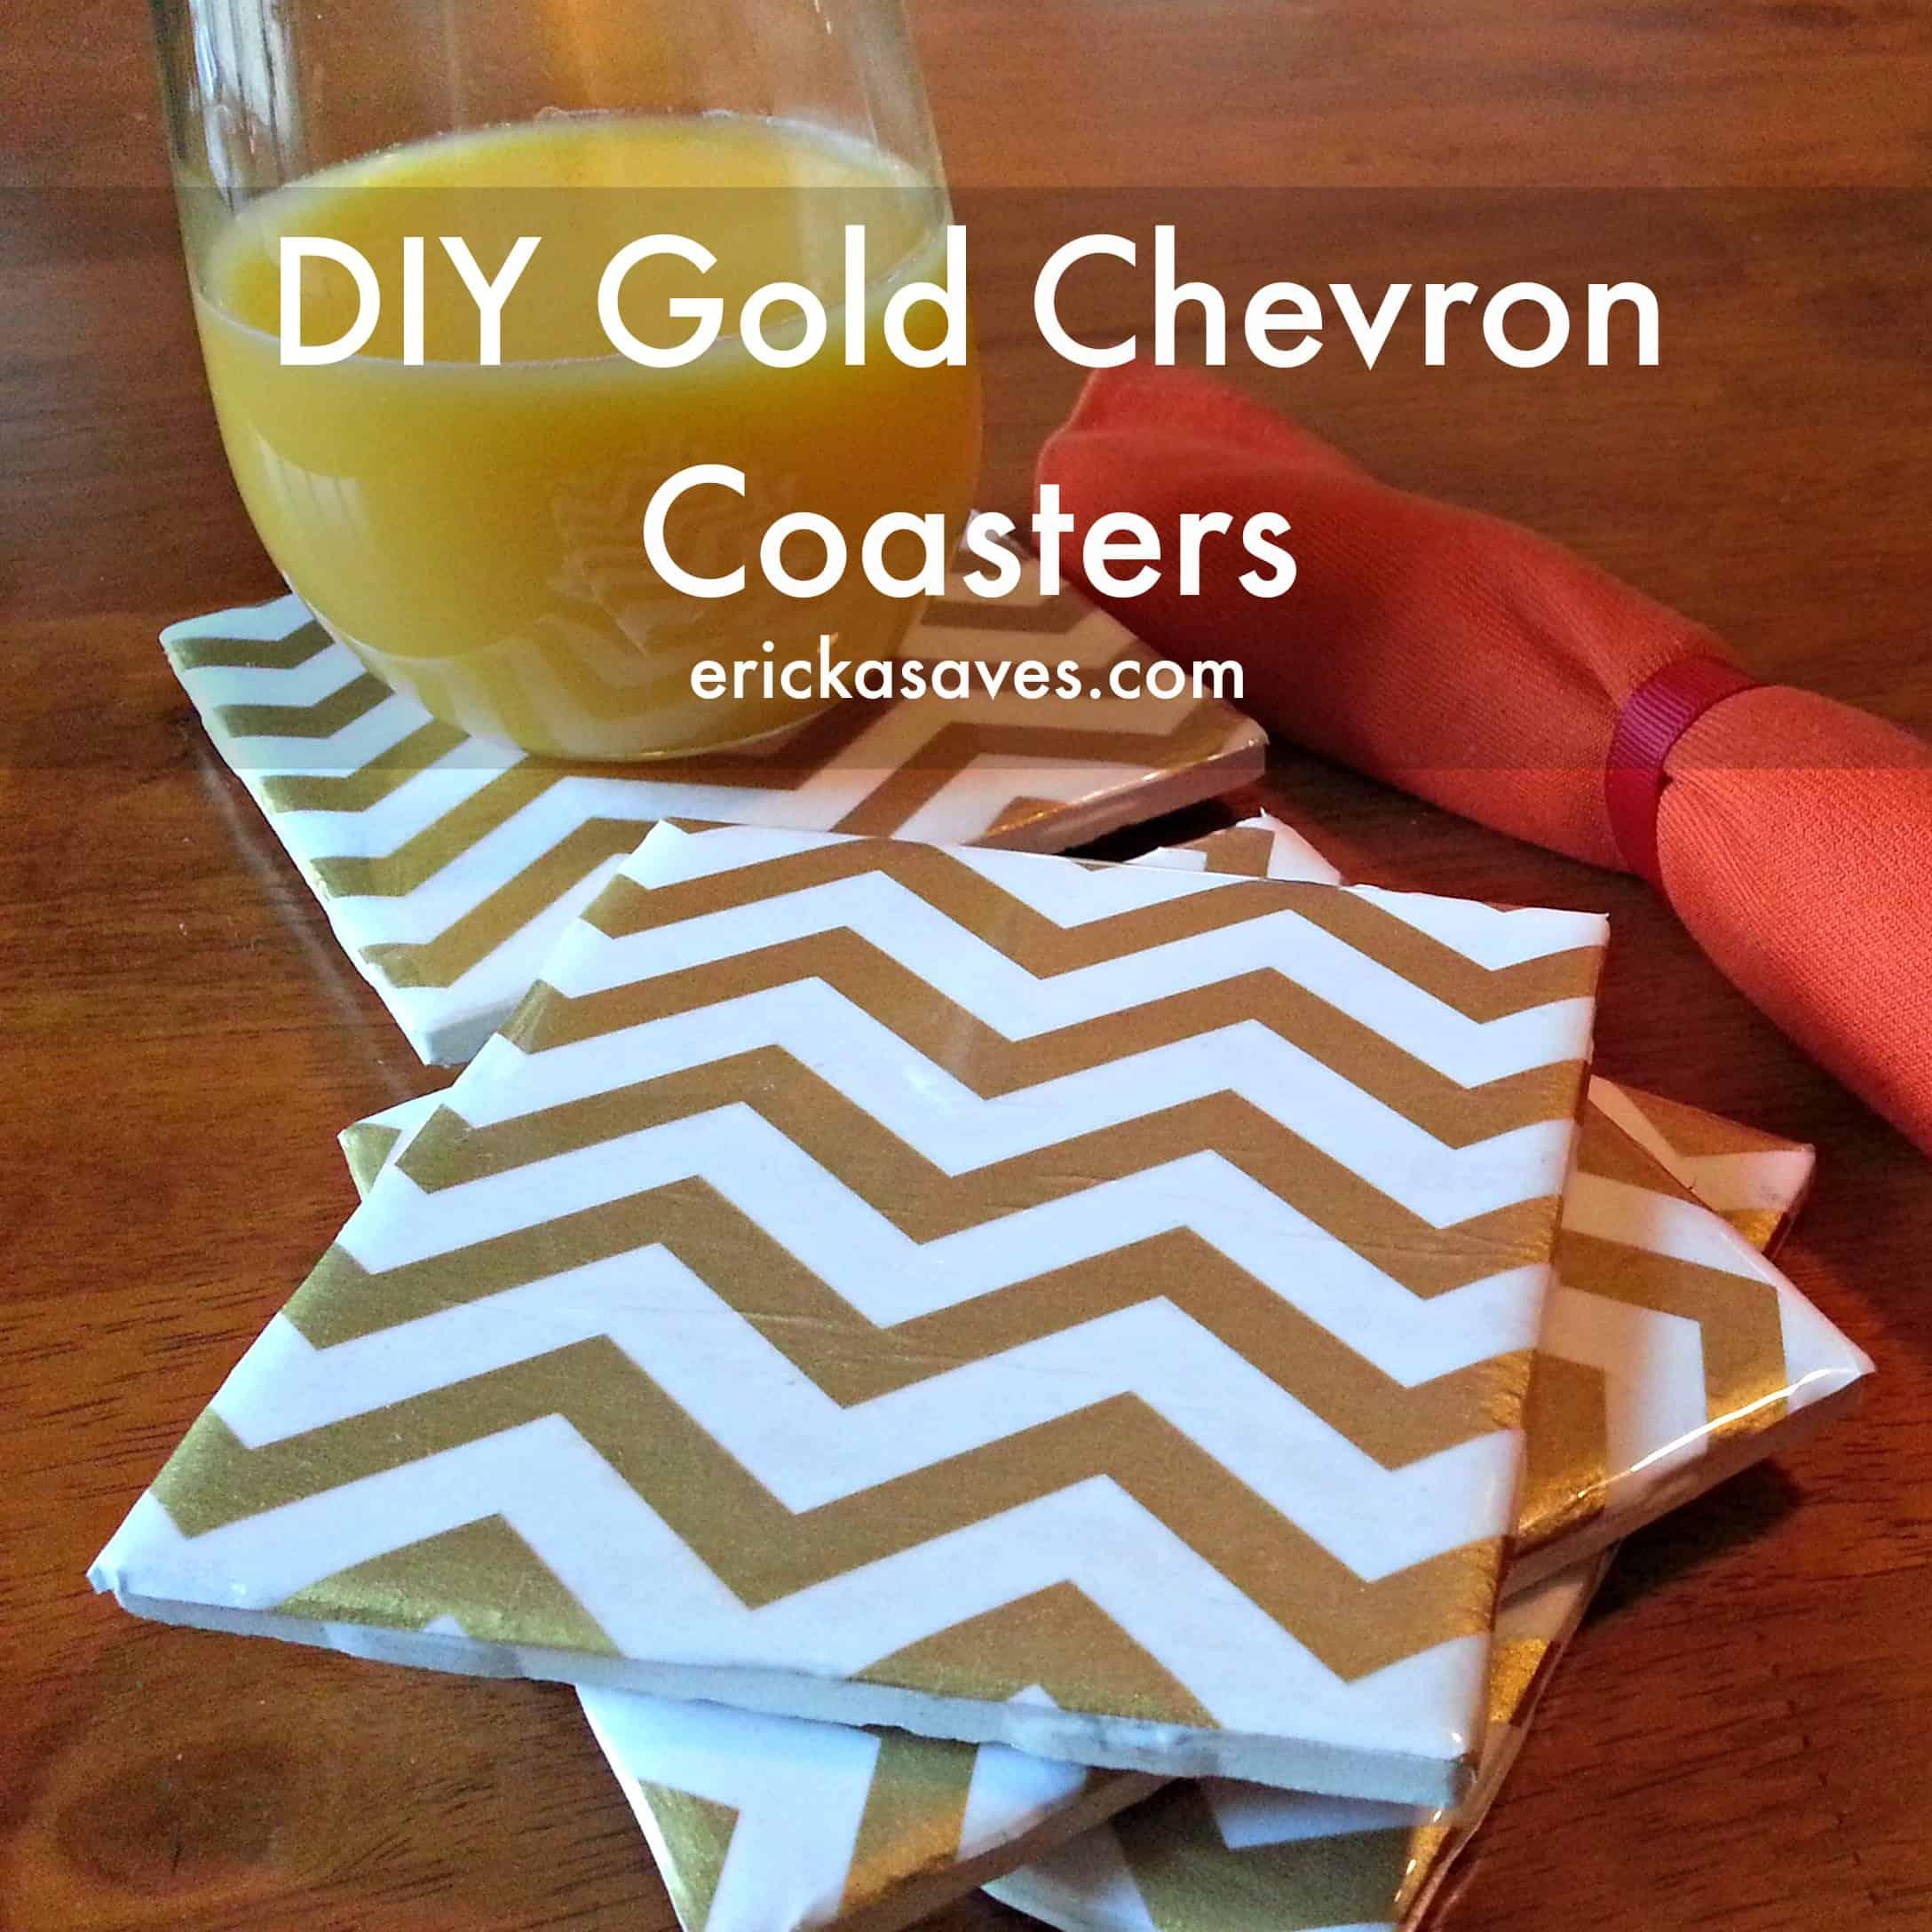 Metallic gold chevron coasters